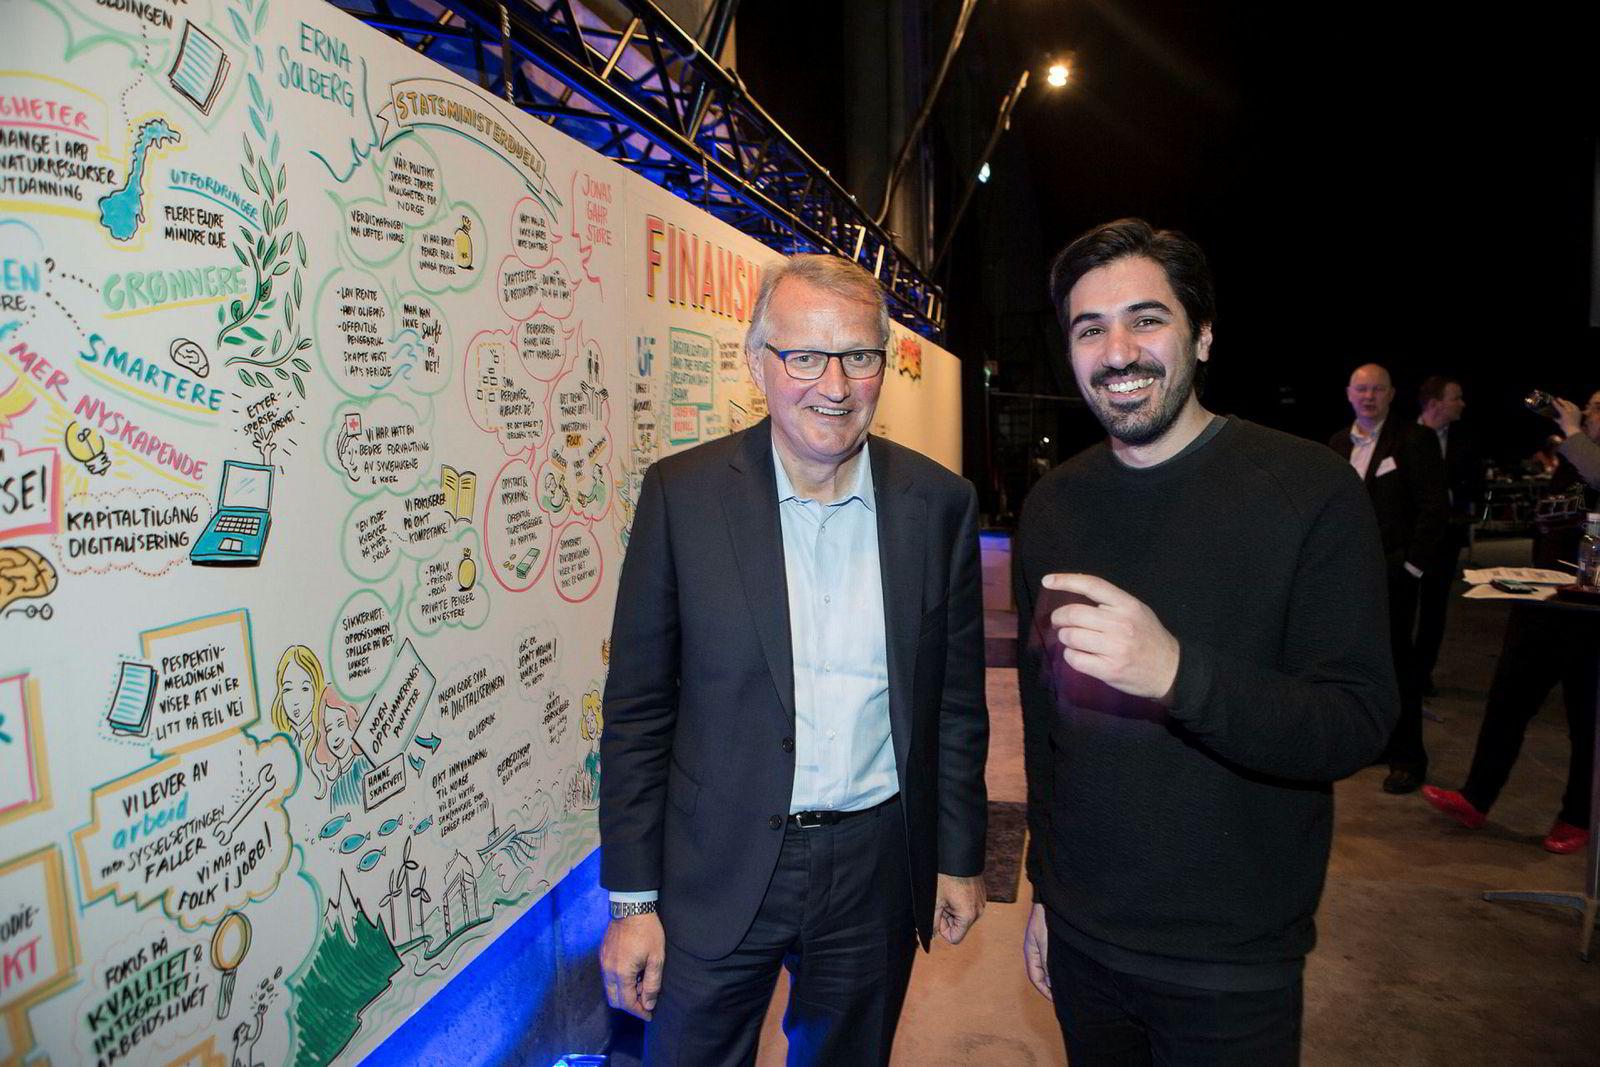 DNB-sjef Rune Bjerkes kunder får svar av chatte-roboten til Arash Saidi (til høyre) i Convertelligence. Målet er at den skal kunne svare på fire av fem spørsmål innen 2020.